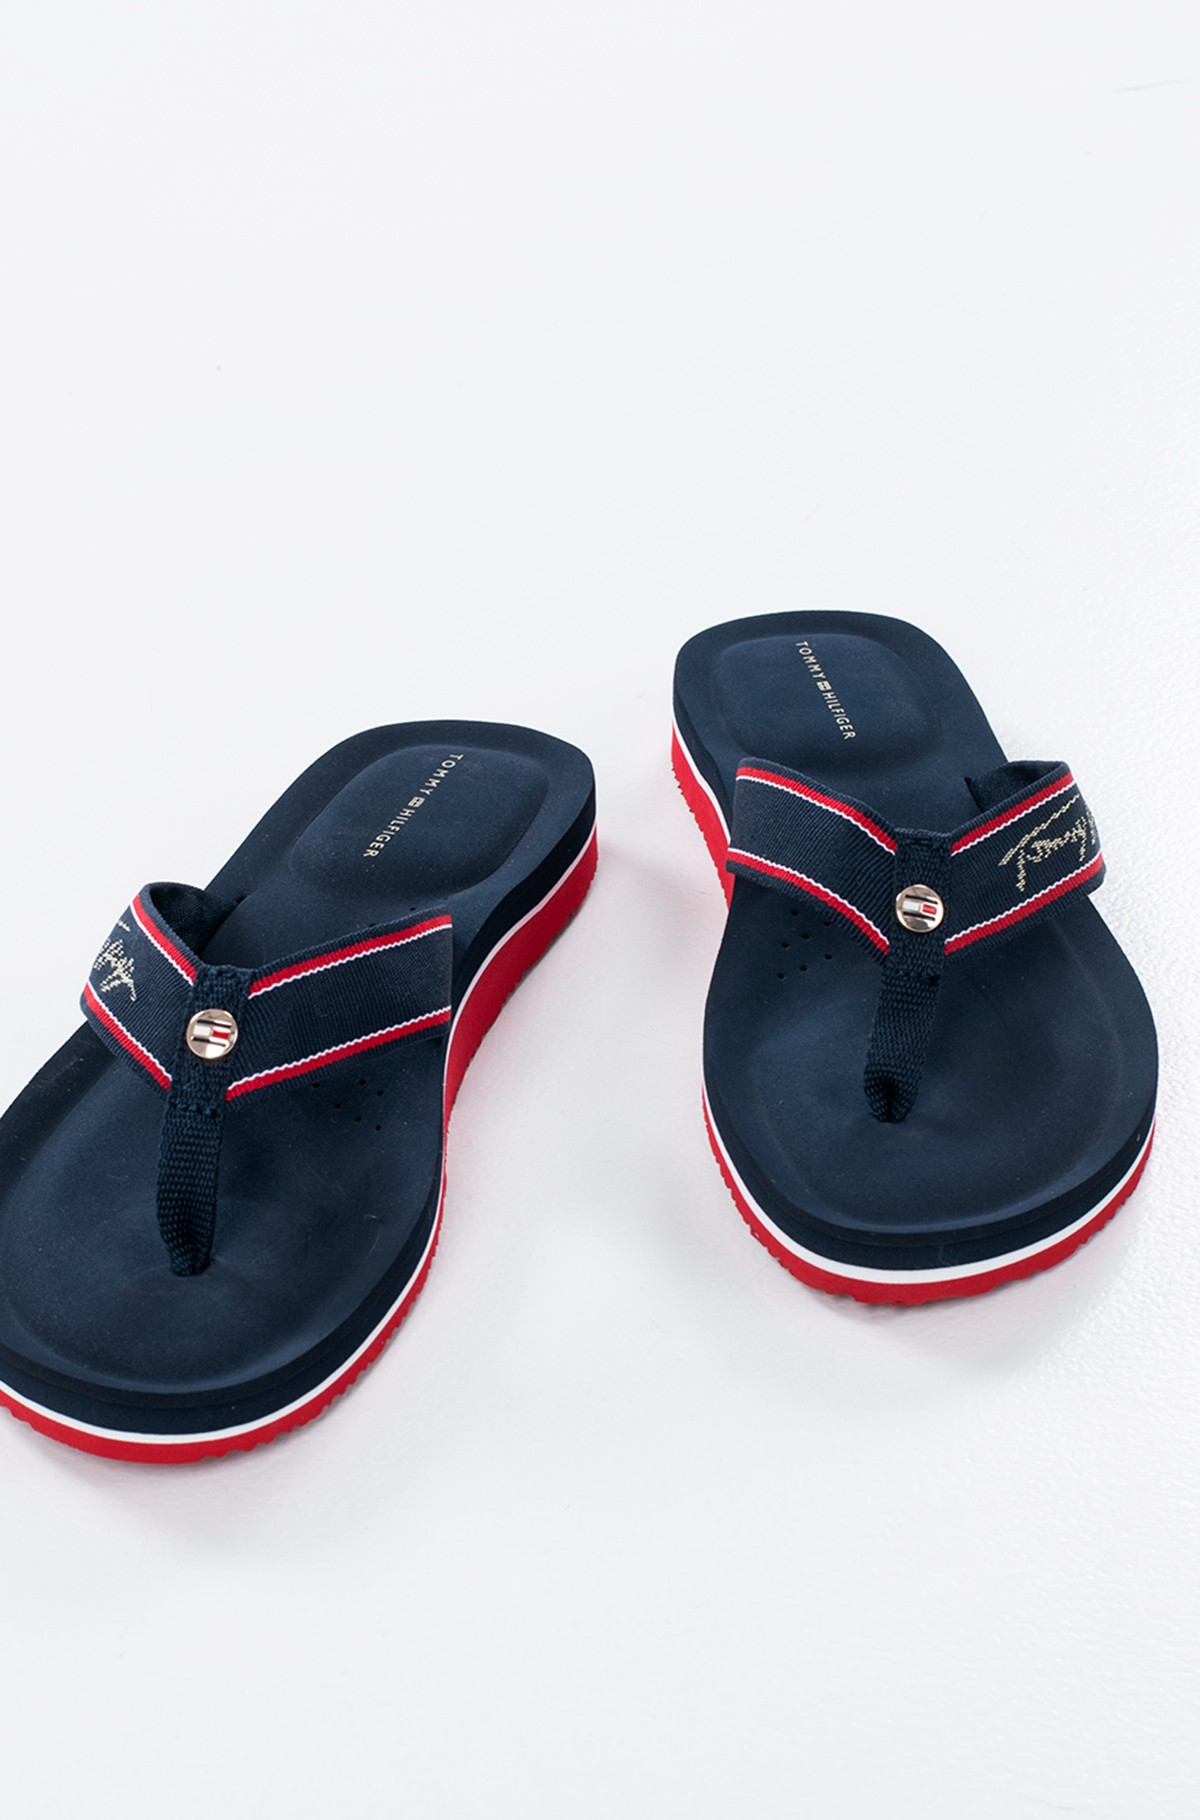 Flip-flops COMFORT FOOTBED BEACH SANDAL-full-1